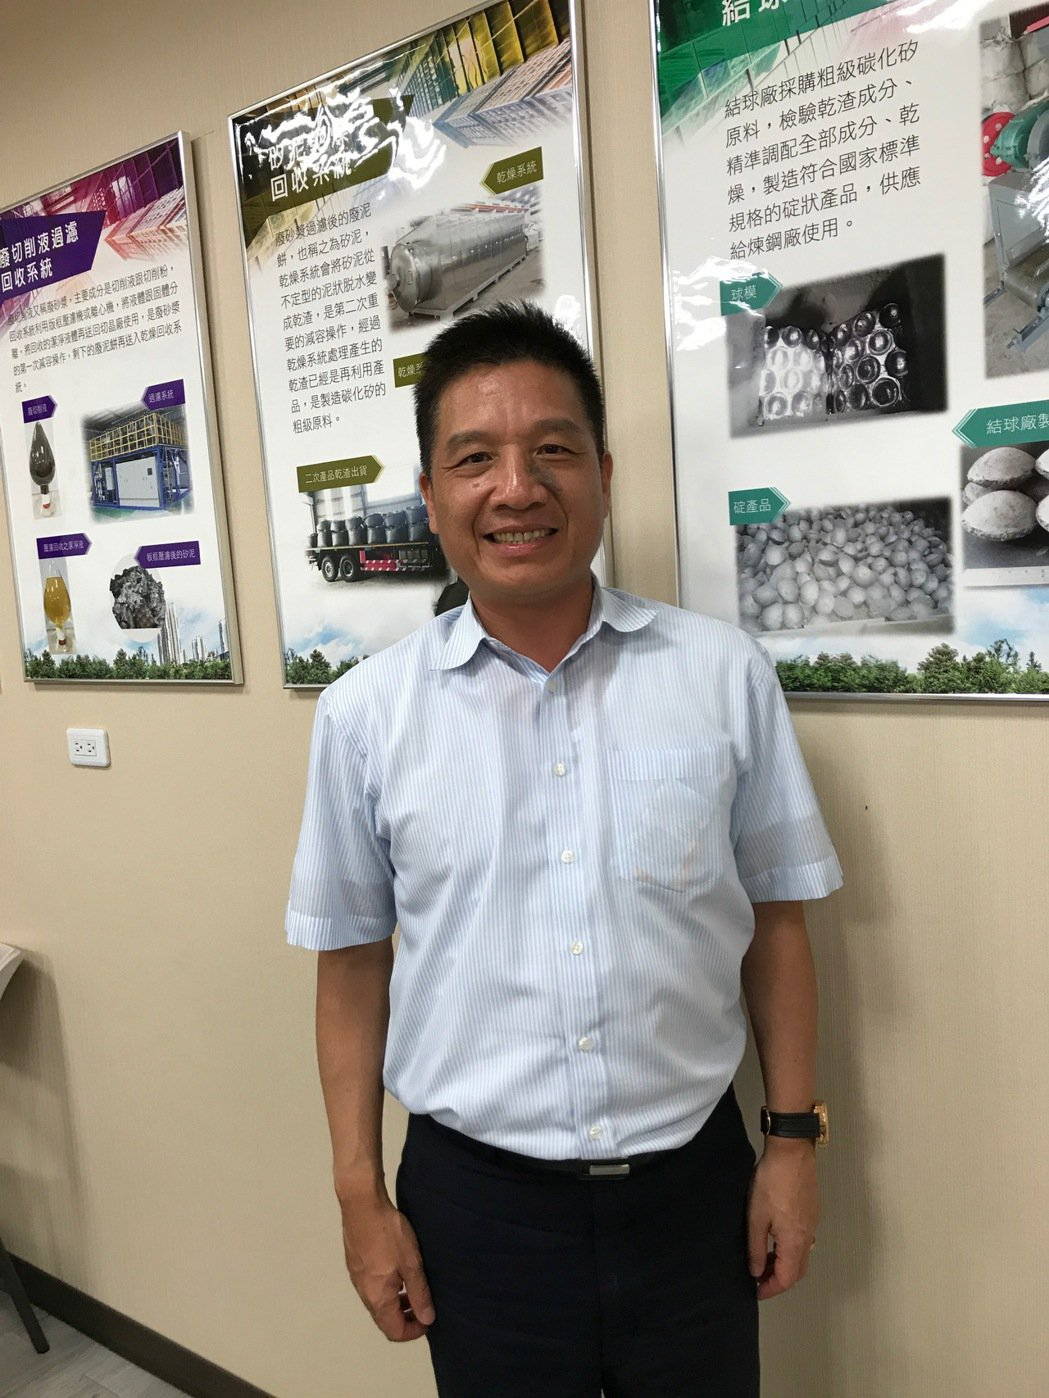 亞邦國際董事長陳皇志。 張傑/攝影